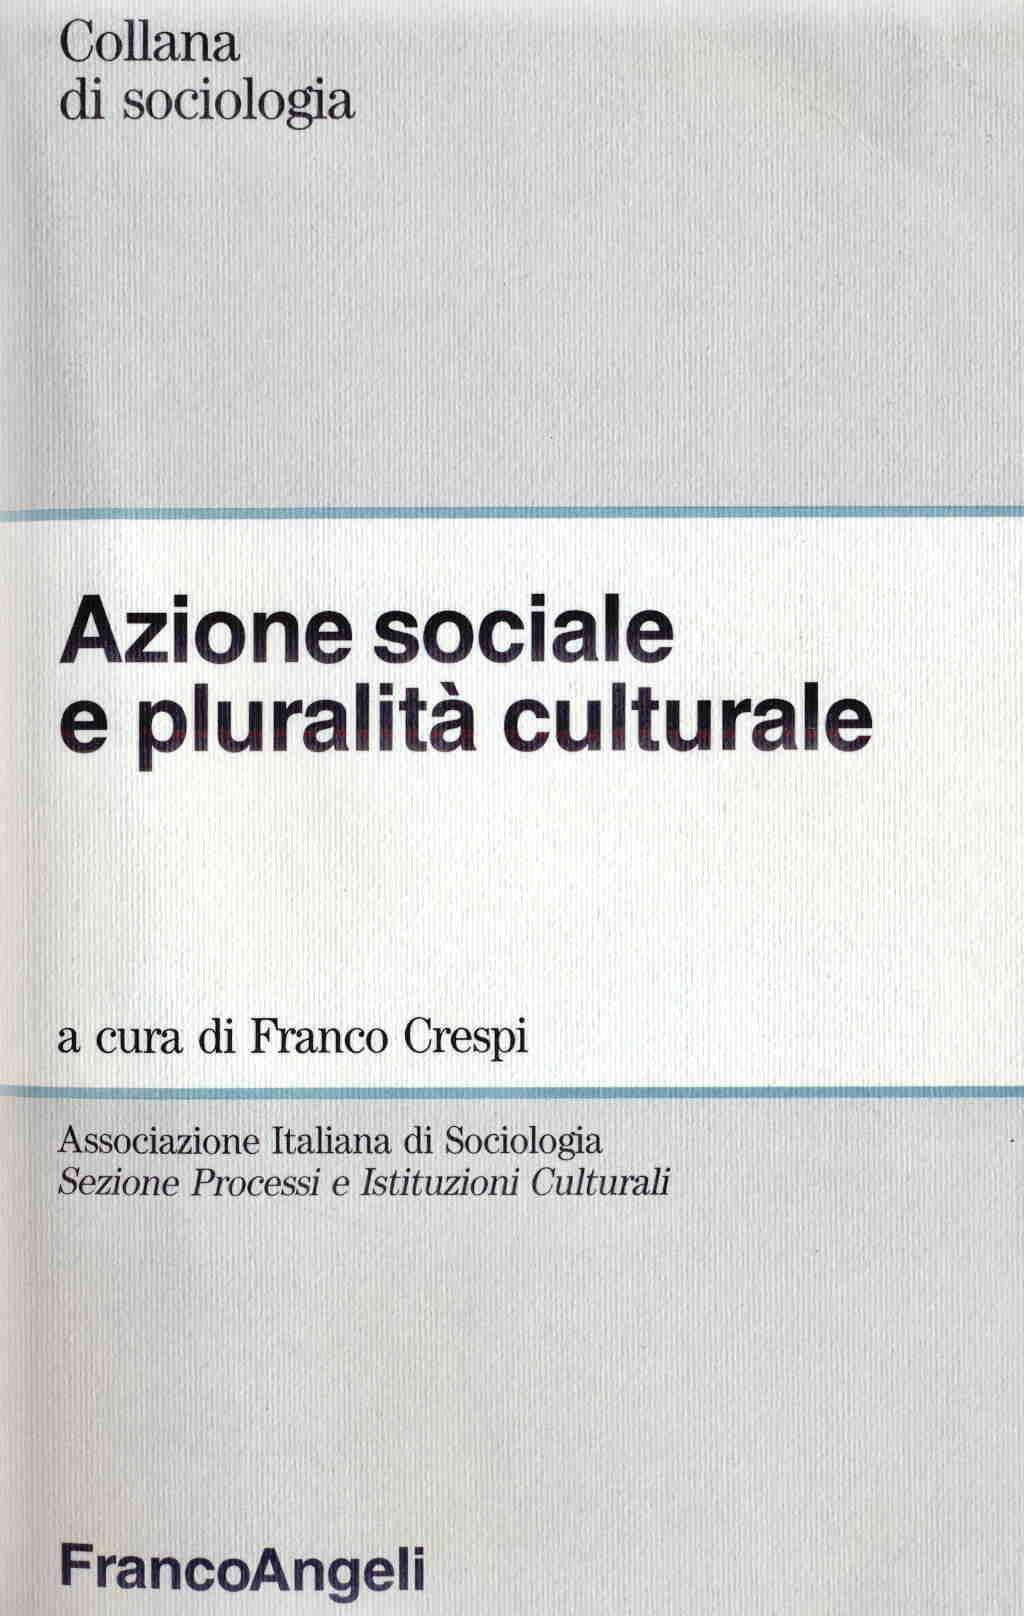 Azione sociale e pluralita culturale